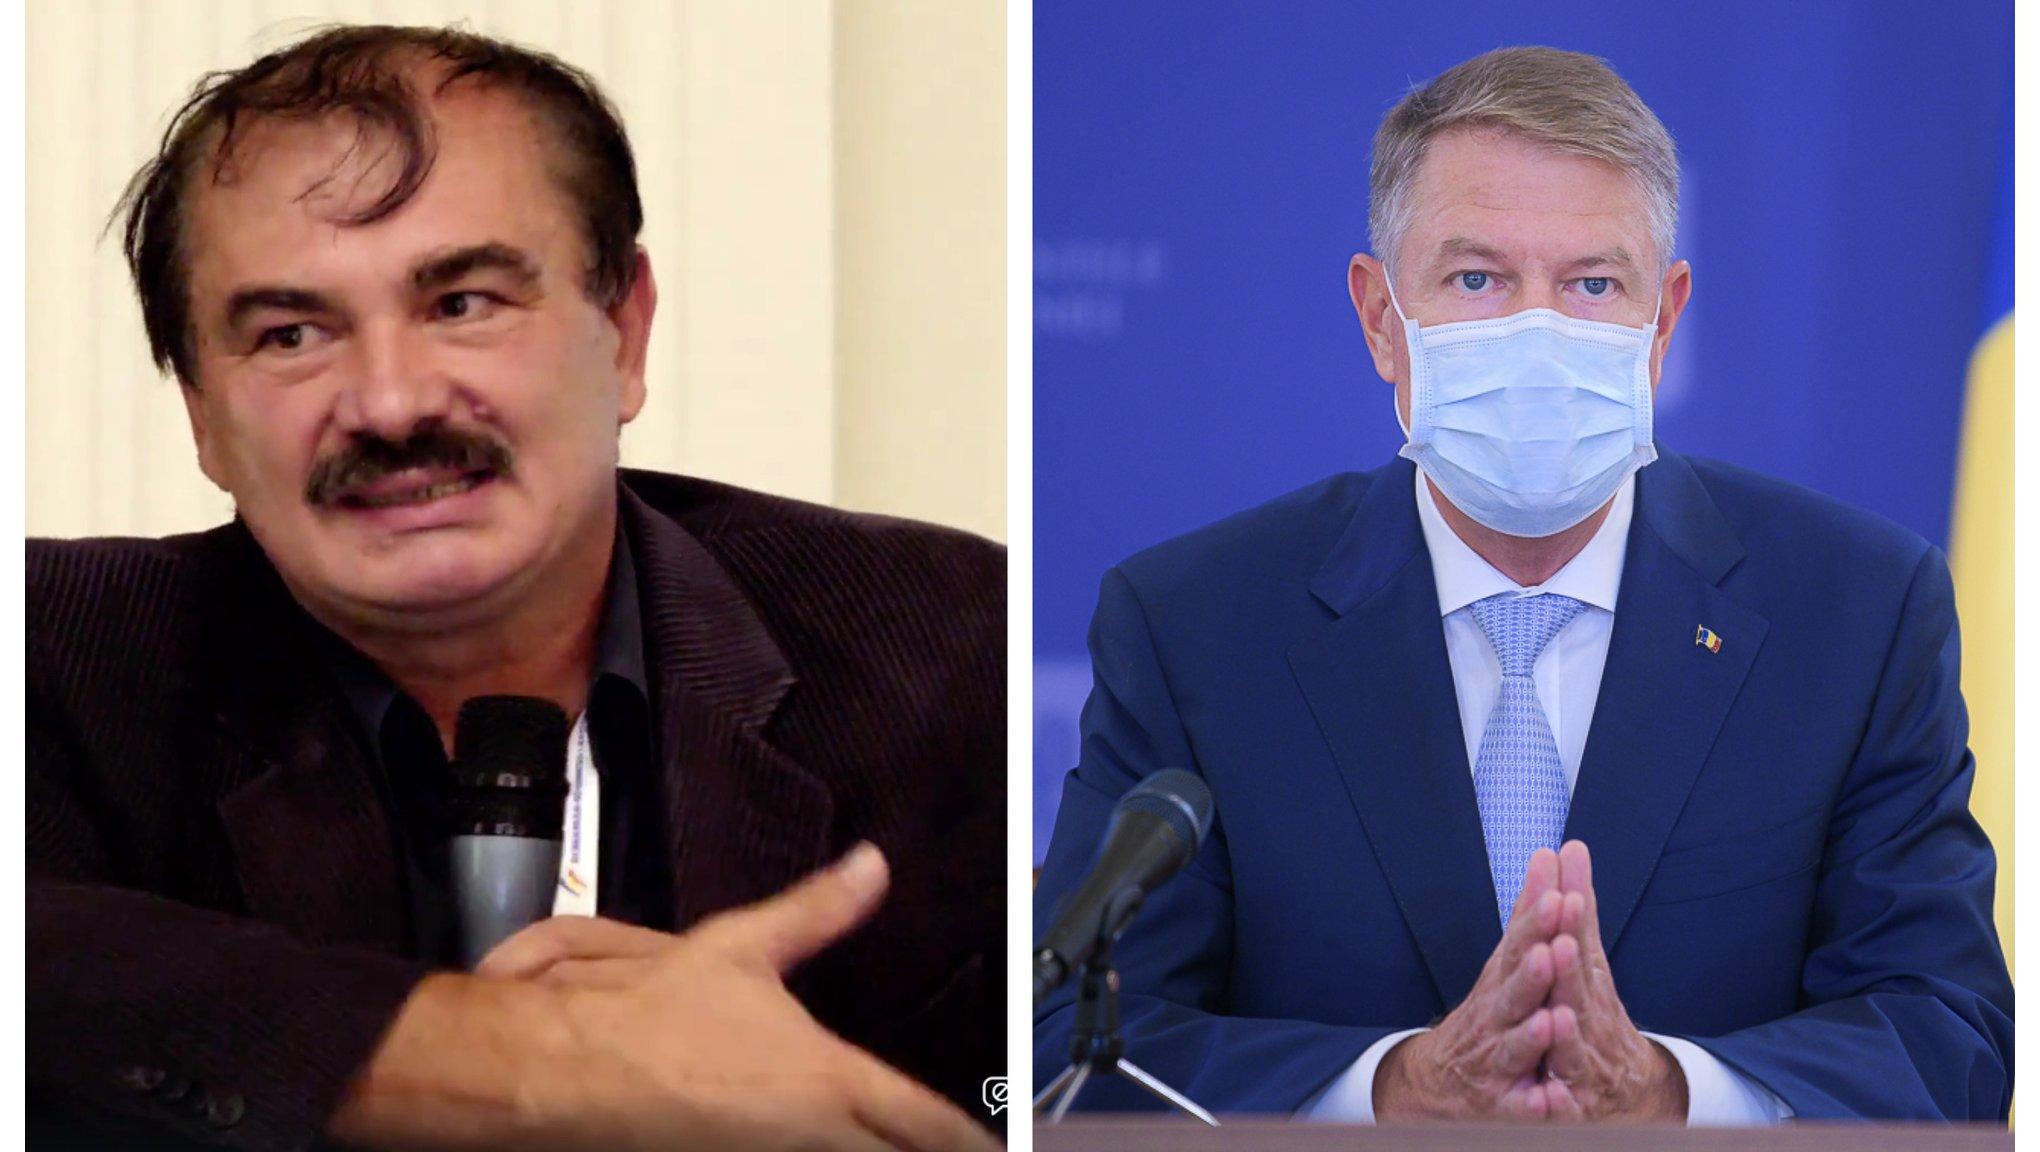 """Redactor: """"Bună seara domnule Miclea!"""" Mircea Miclea, fost ministru al Educației: """"Da."""" Redactor: """"Îmi cer scuze pentru deranj. La […]"""